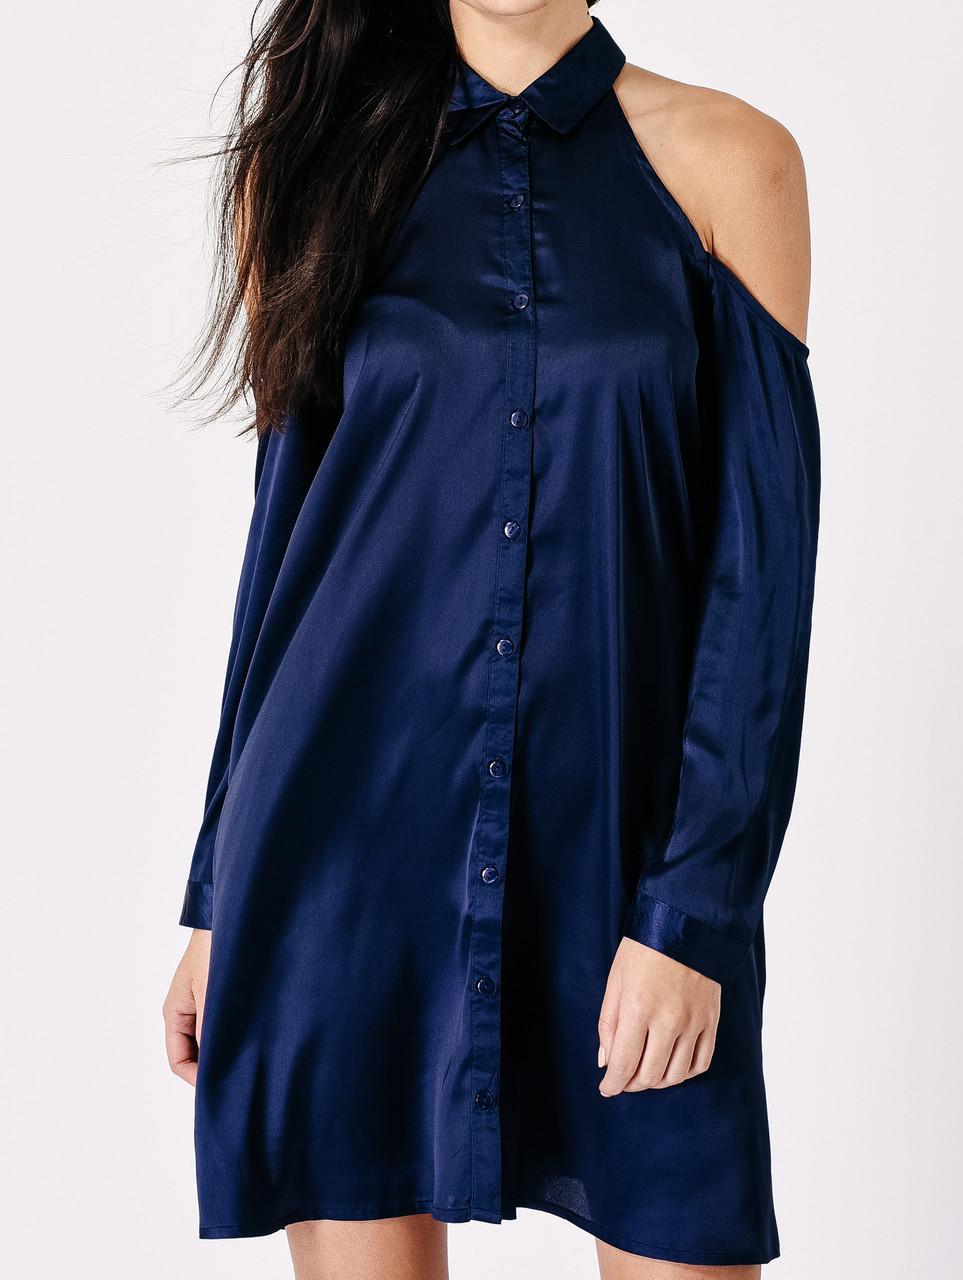 Navy Satin Cold Shoulder Shirt Dress